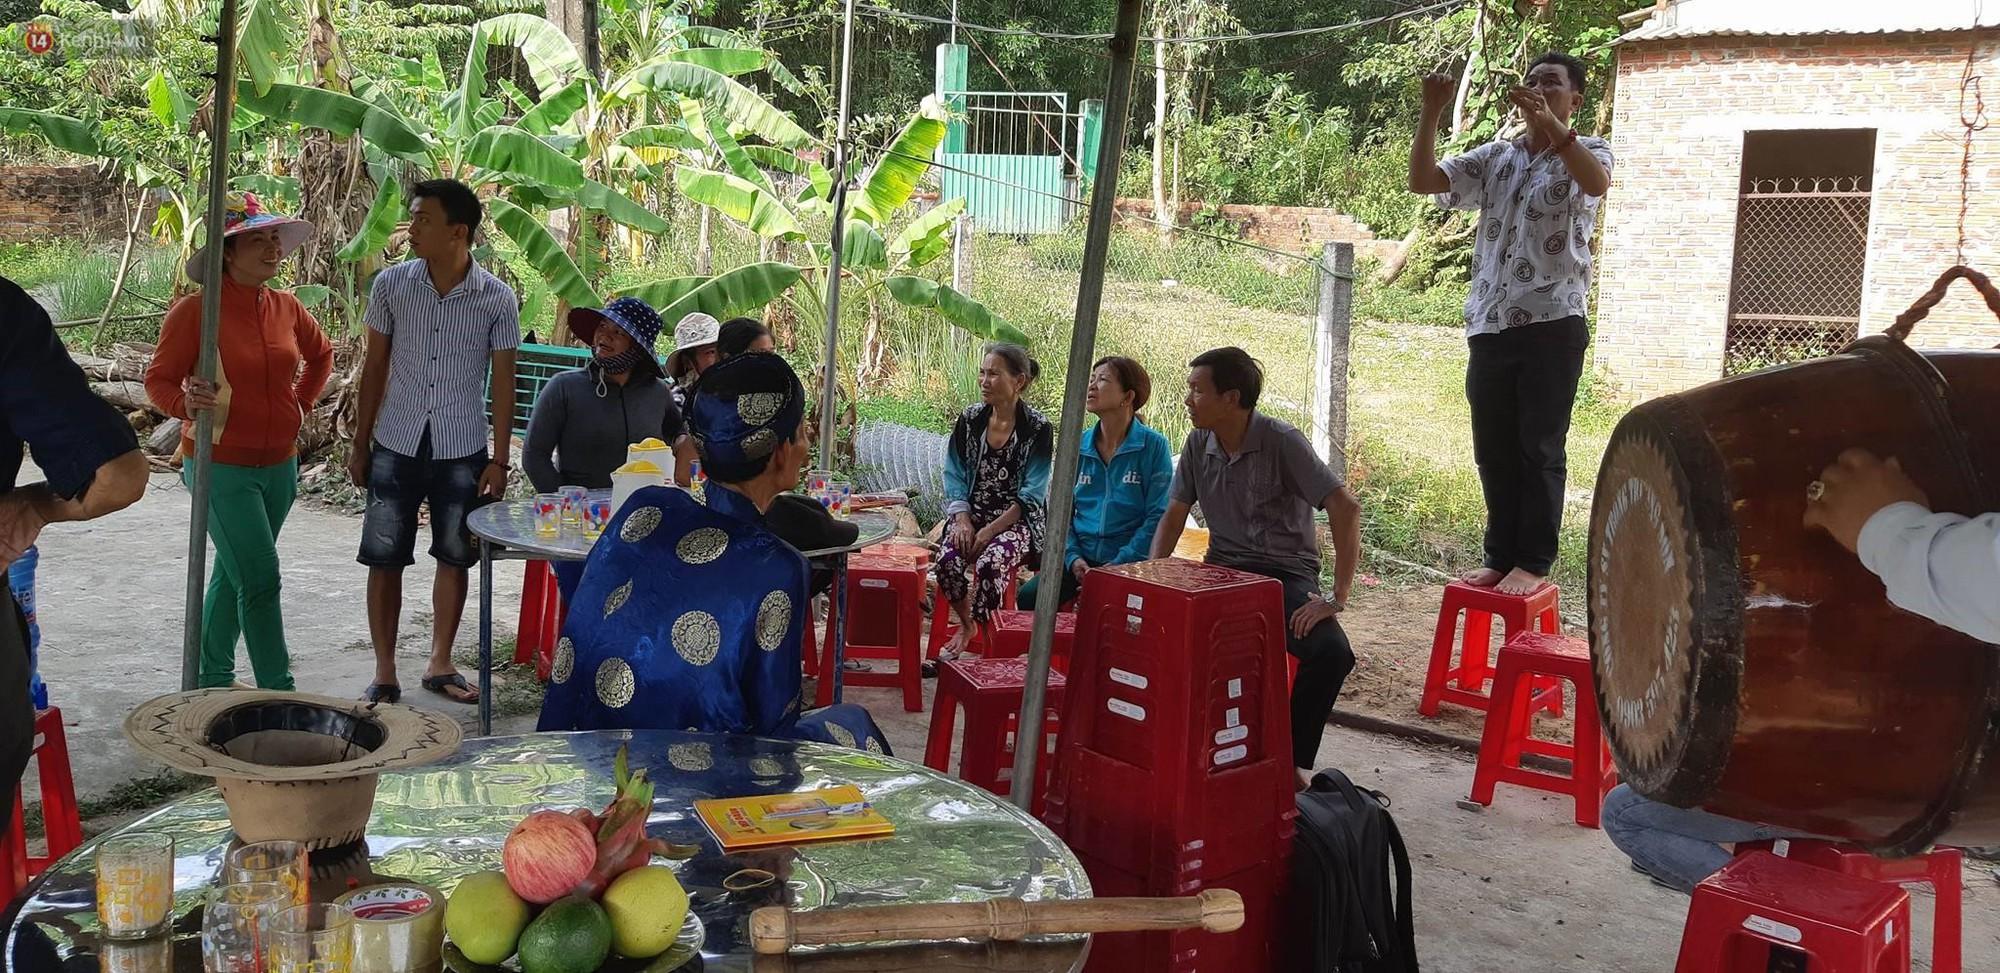 Vụ giết người chôn xác nhiều lần ở Đà Nẵng: Tìm kiếm suốt 5 ngày, mẹ già đau đớn hay tin con bị bạn giết-1